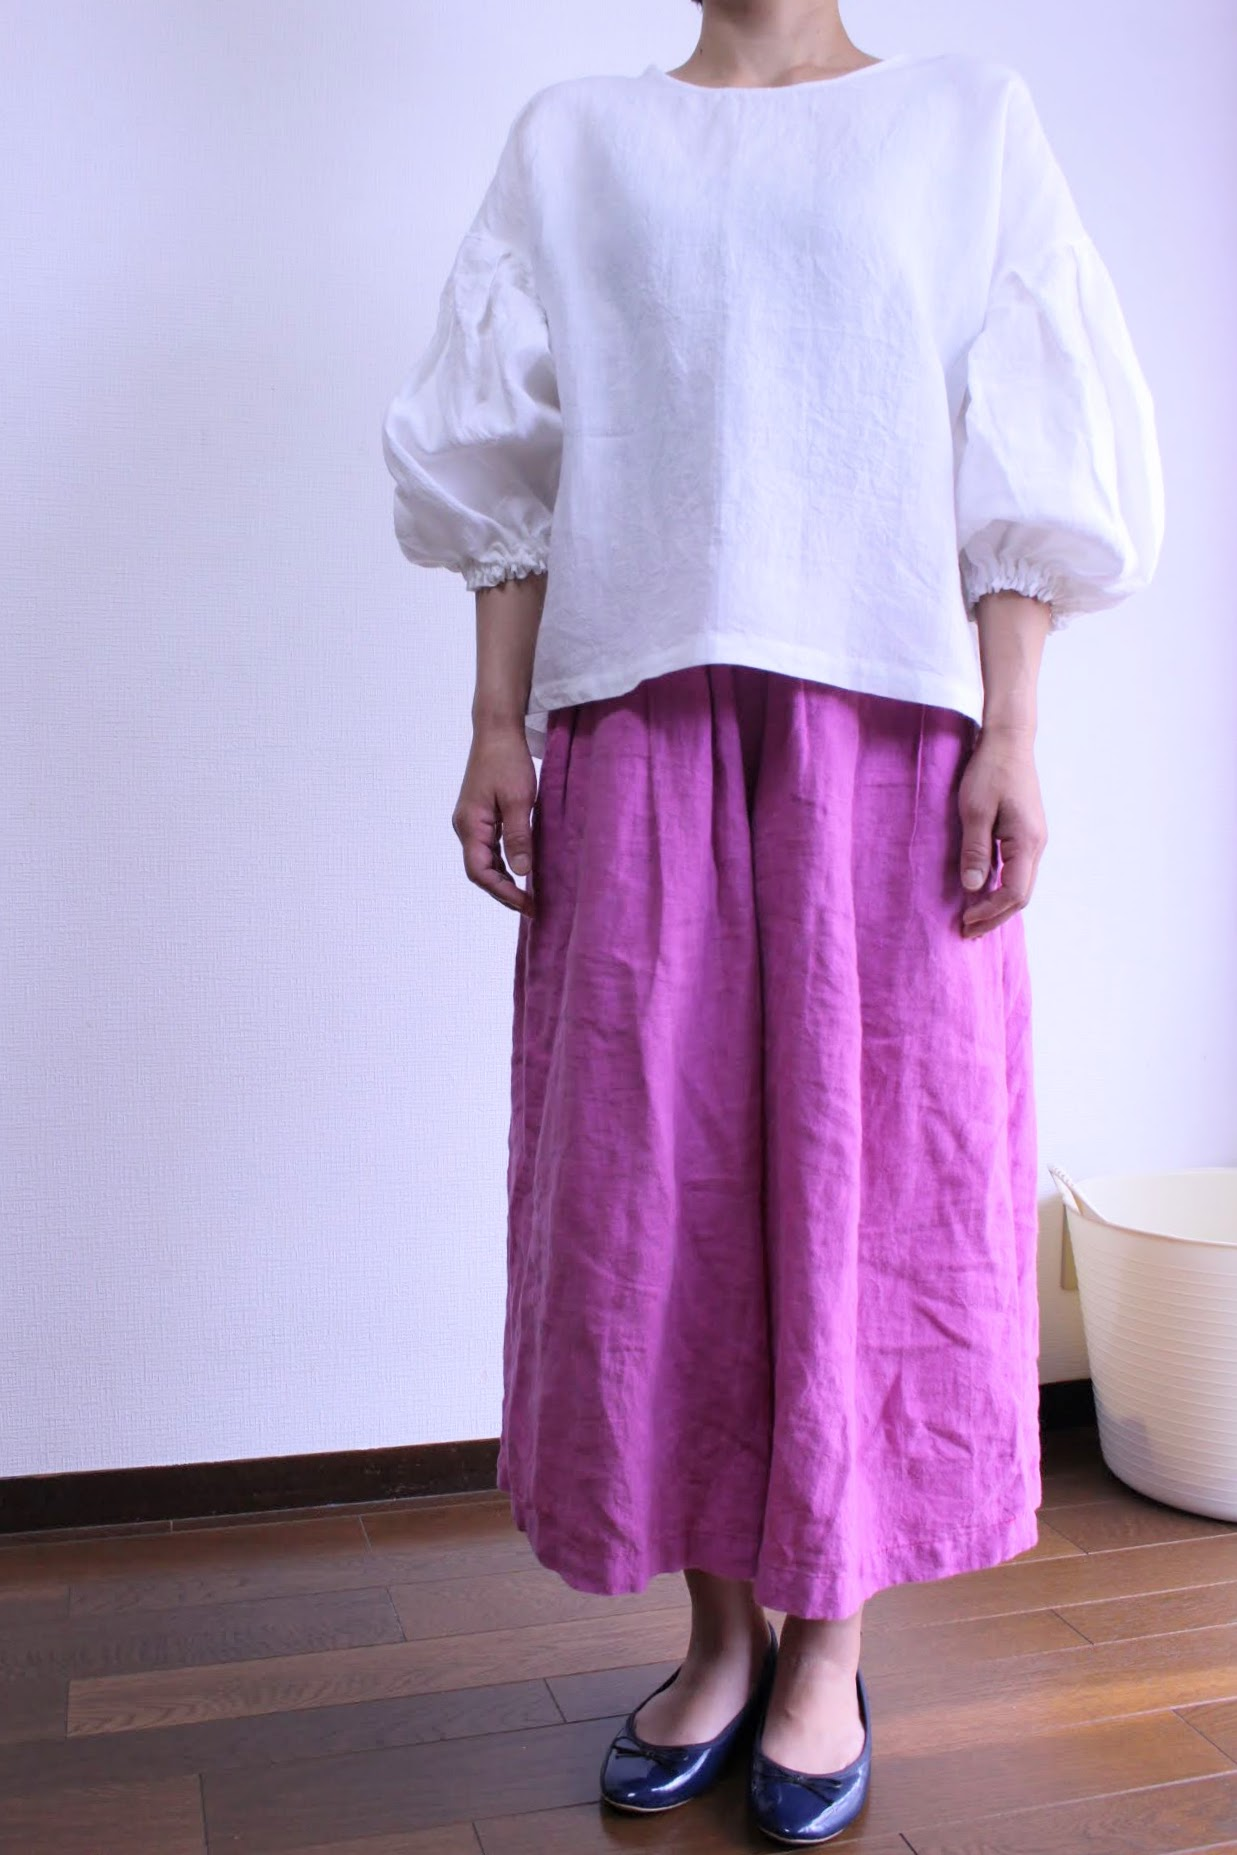 ピンク色のキュロットスカート人気が出てきました。